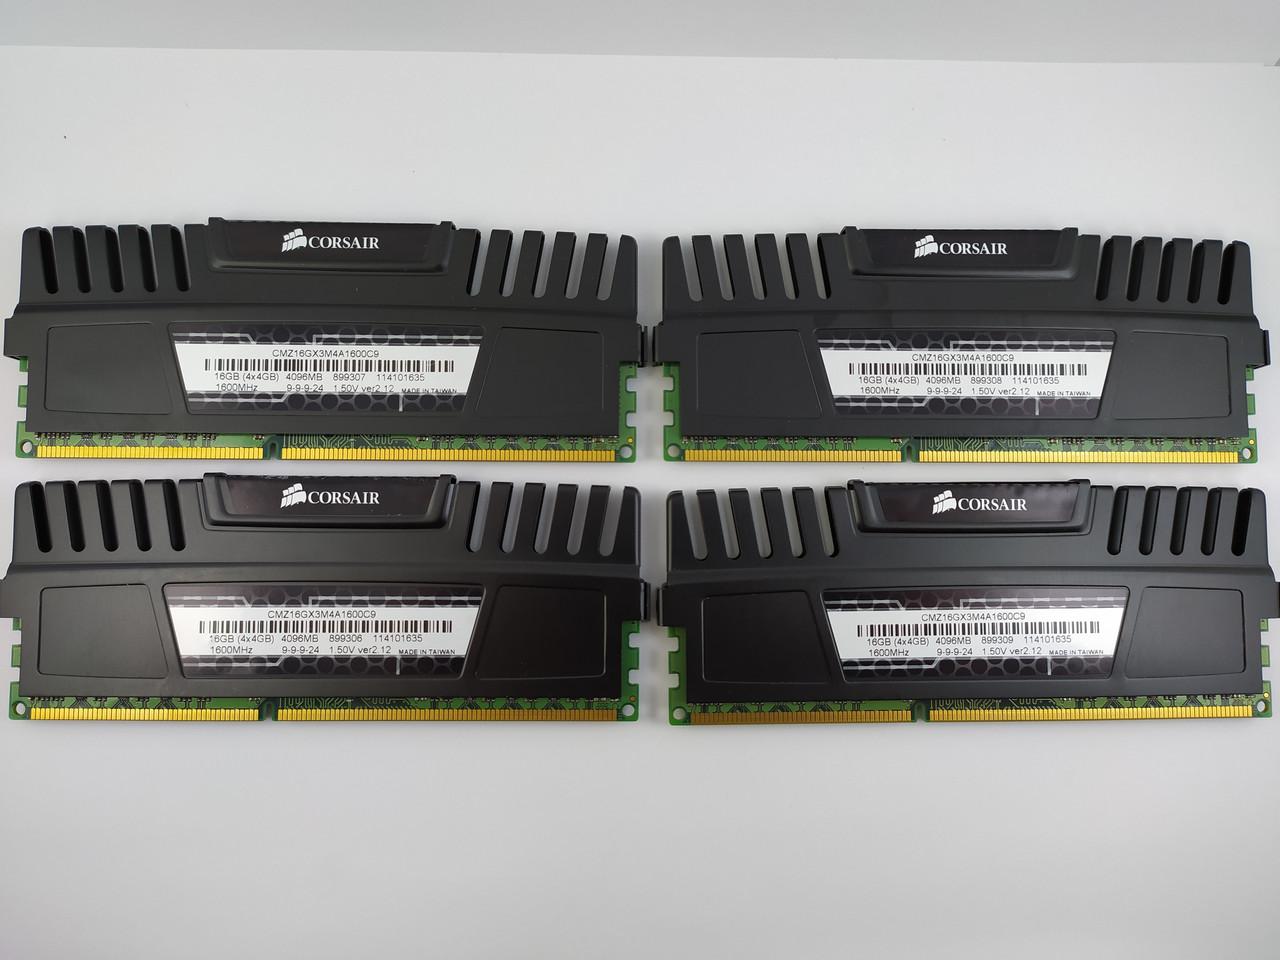 Комплект оперативной памяти Corsair Vengeance DDR3 16Gb (4*4Gb) 1600MHz PC3-12800 (CMZ16GX3M4A1600C9) Б/У